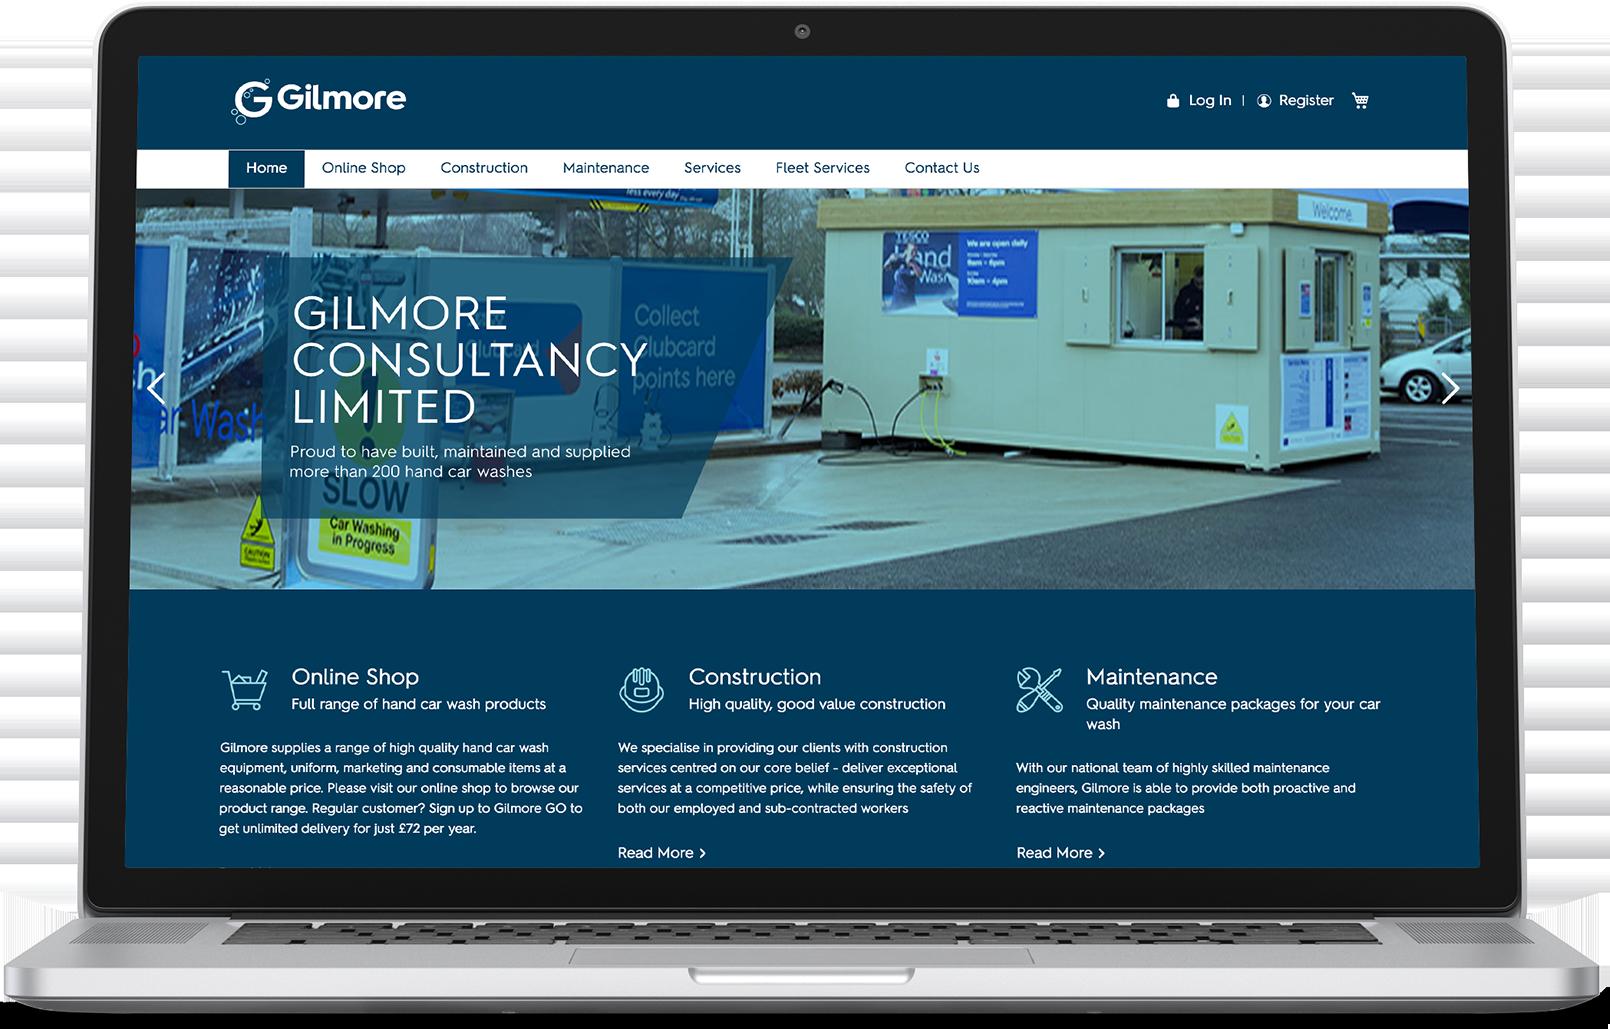 Gilmore Consultancy